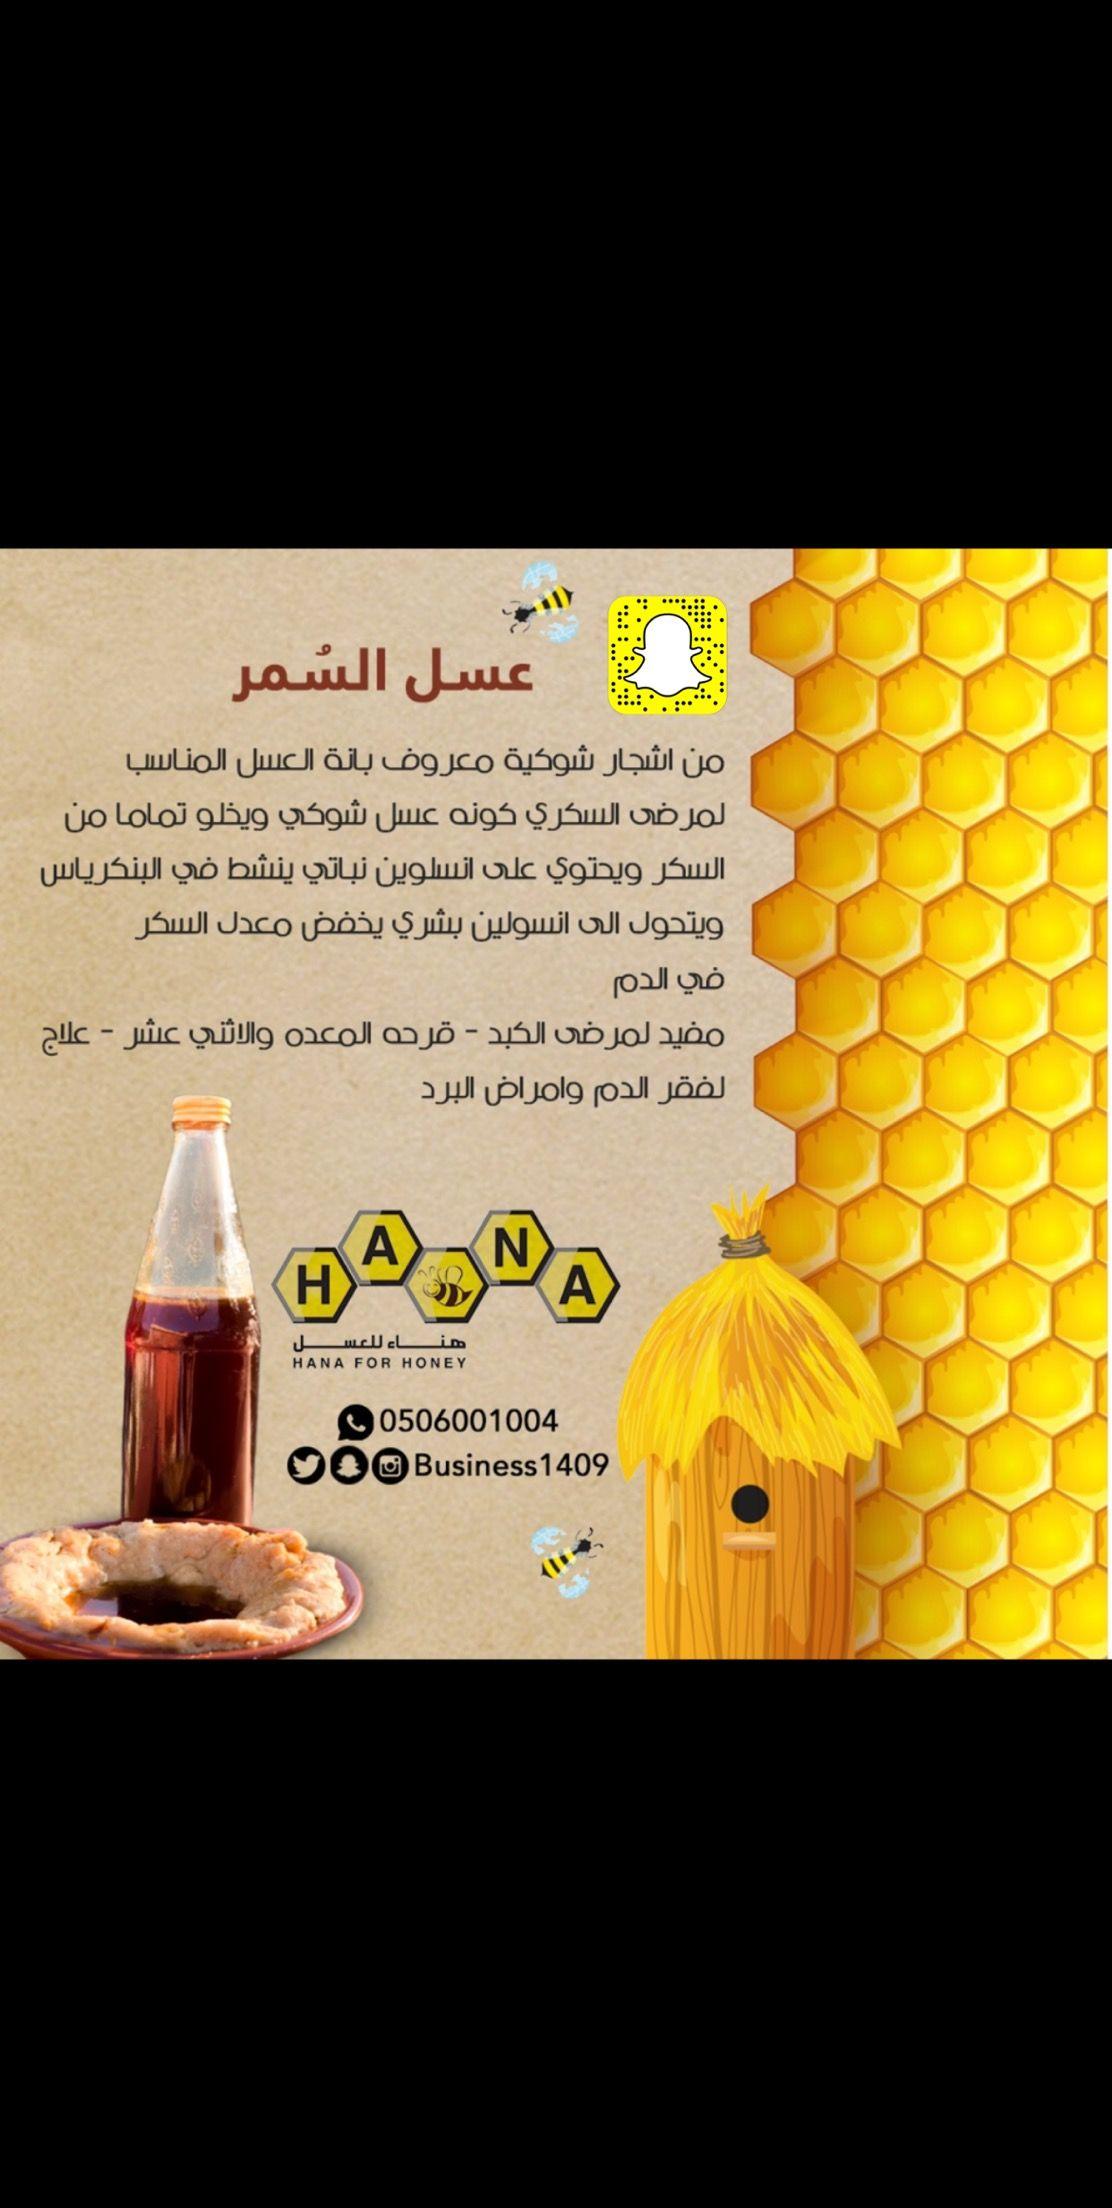 عسل سنابات مفيده Honey Bee خلطات وصفات اكلات سناك دايت اكل صحي وجبات صحيه Honey